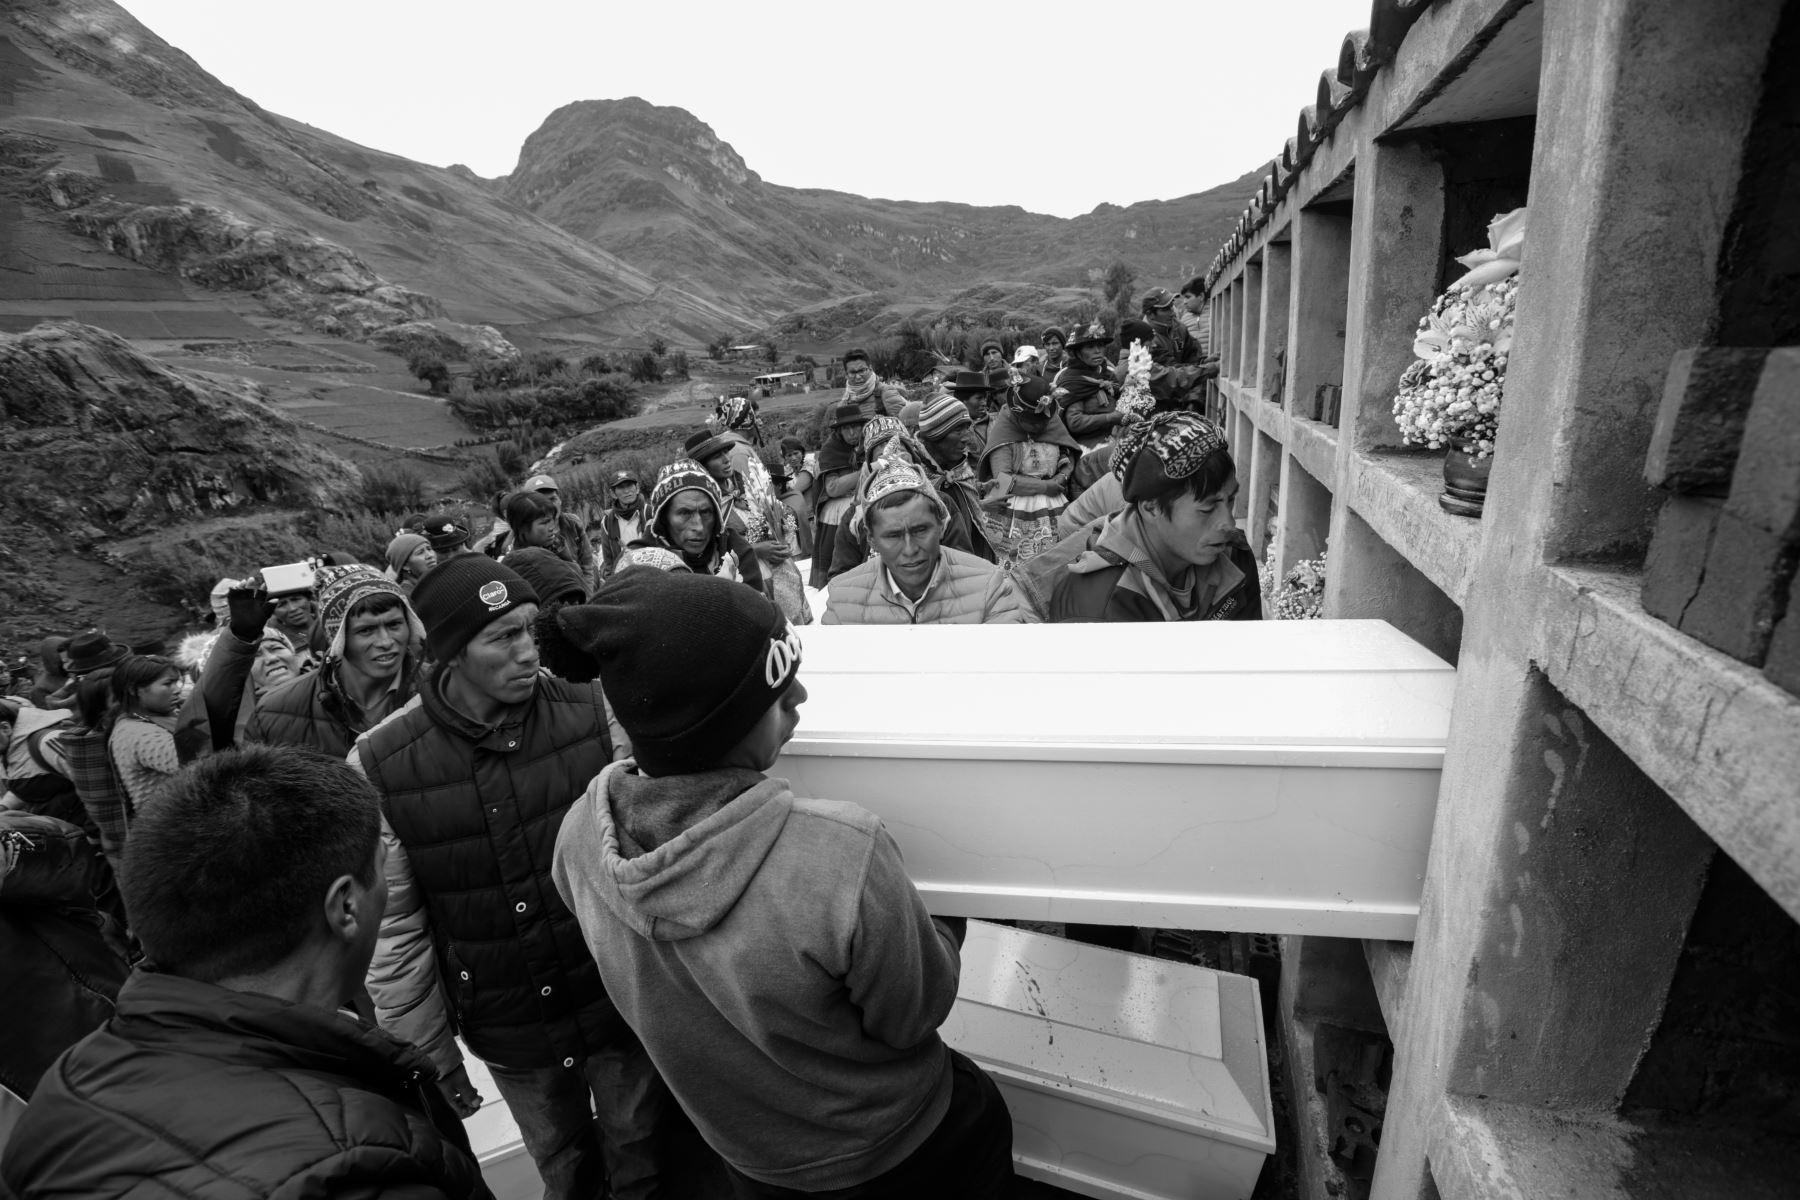 La municipalidad distrital de Chaccas construyó el mausoleo para las 27 víctimas (26 reconocidas y un NN) en una loma. Junto construirán un Cristo blanco.Foto: ANDINA/Jack Ramón